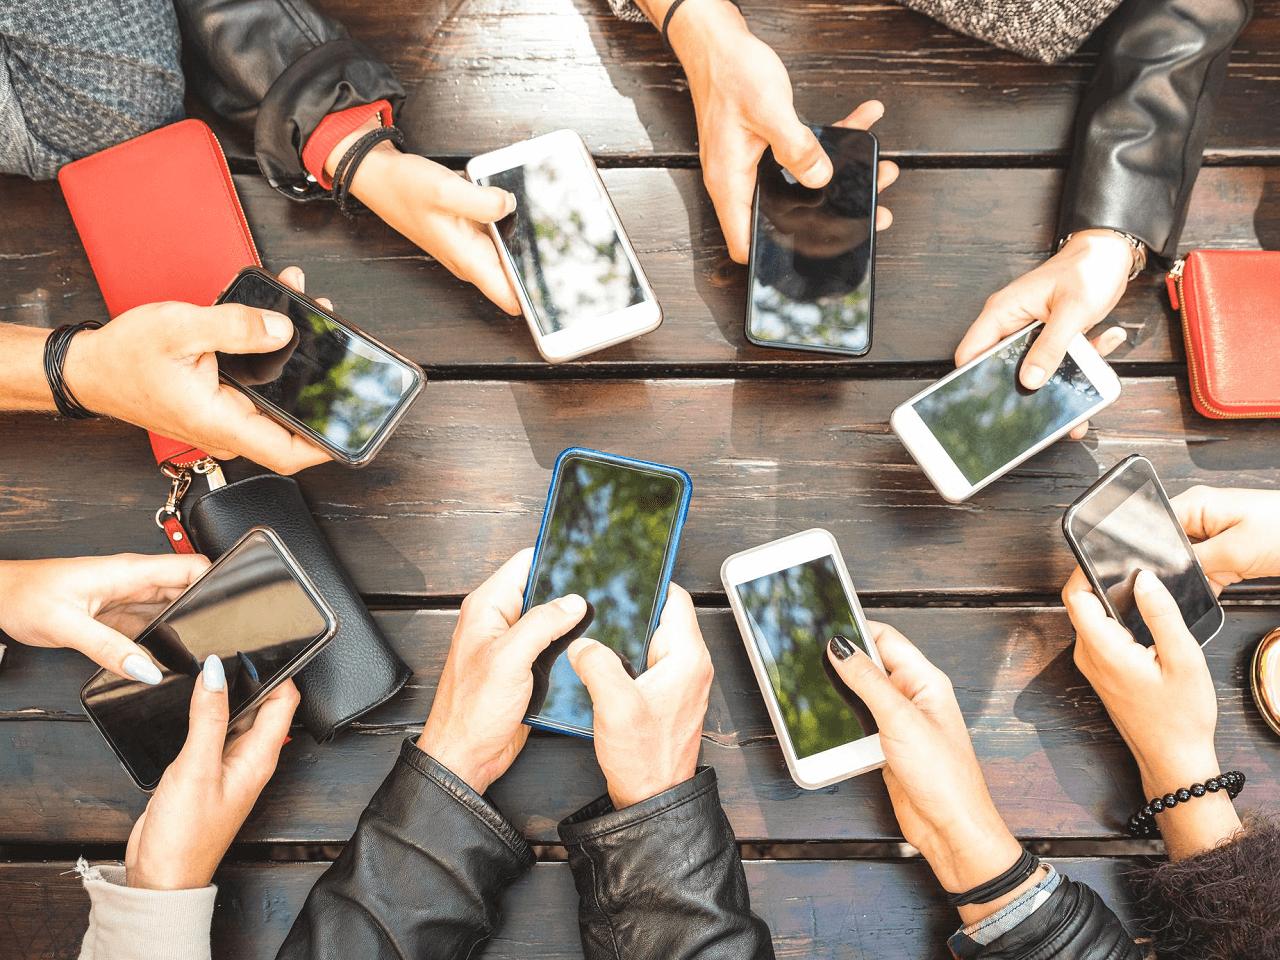 Cep Telefonu İthalatındaki Gözetim Uygulamasına İstisnalar Getirildi